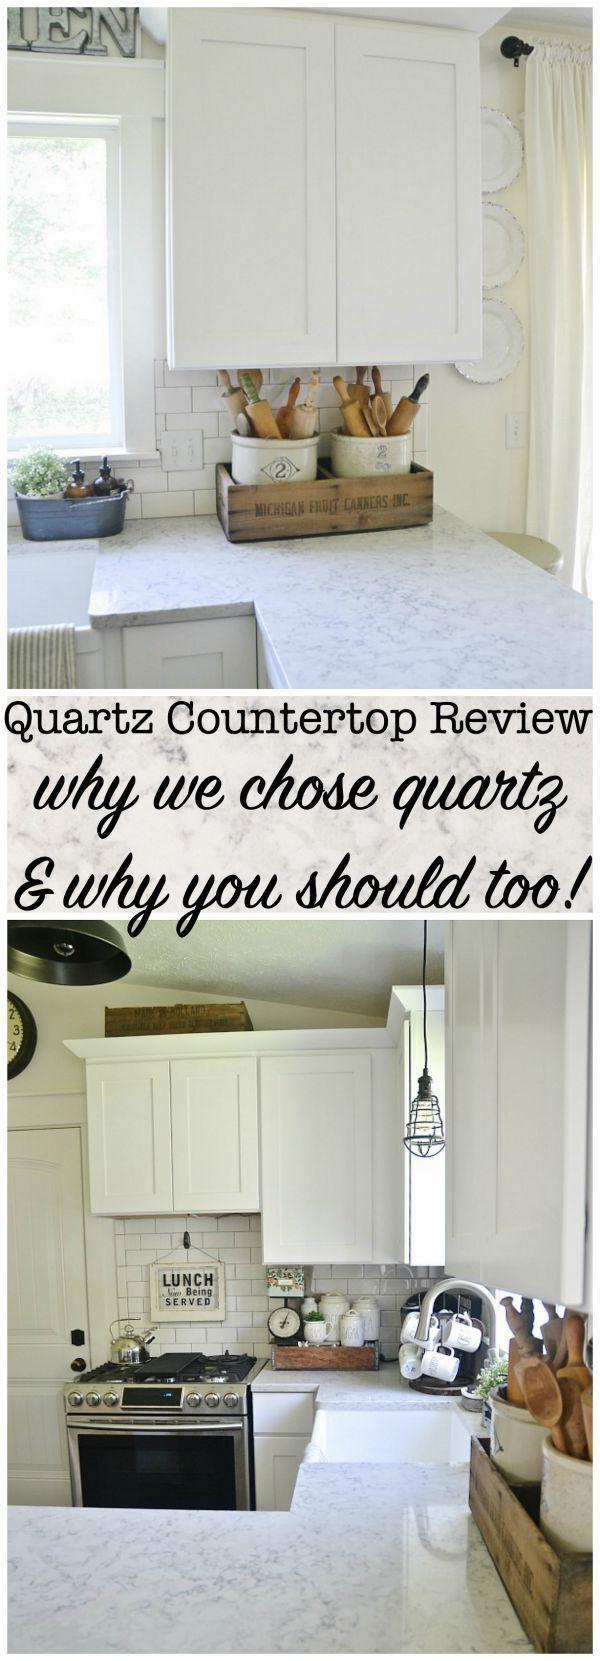 Quartz Countertop Review – Pros & Cons | Quartz countertops ...